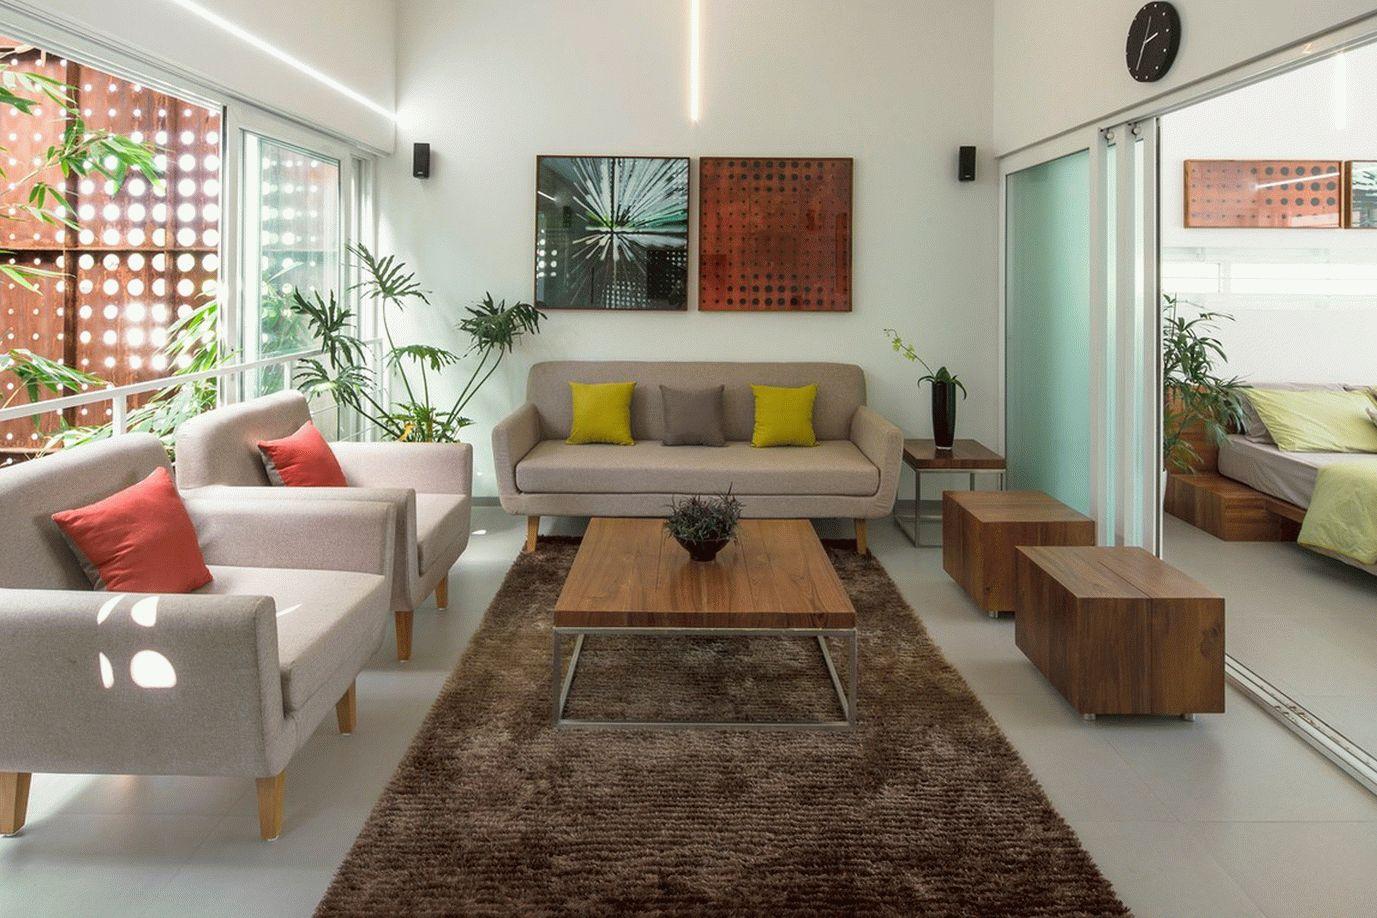 великолепный дом с крытым атриумом10